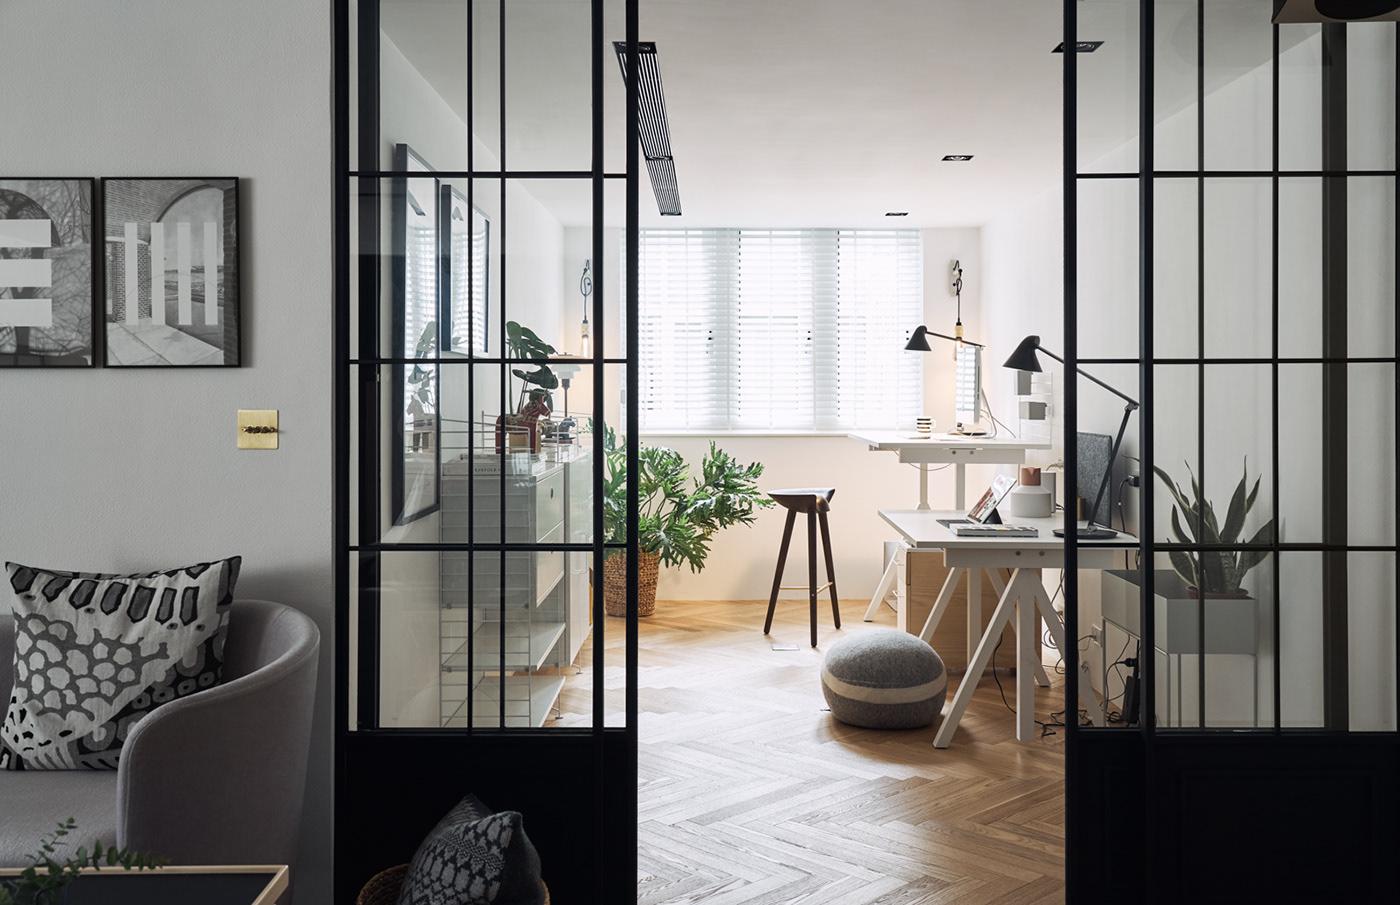 Thiết kế nội thất, thi công nội thất Vinhomes Nguyễn Chí Thanh